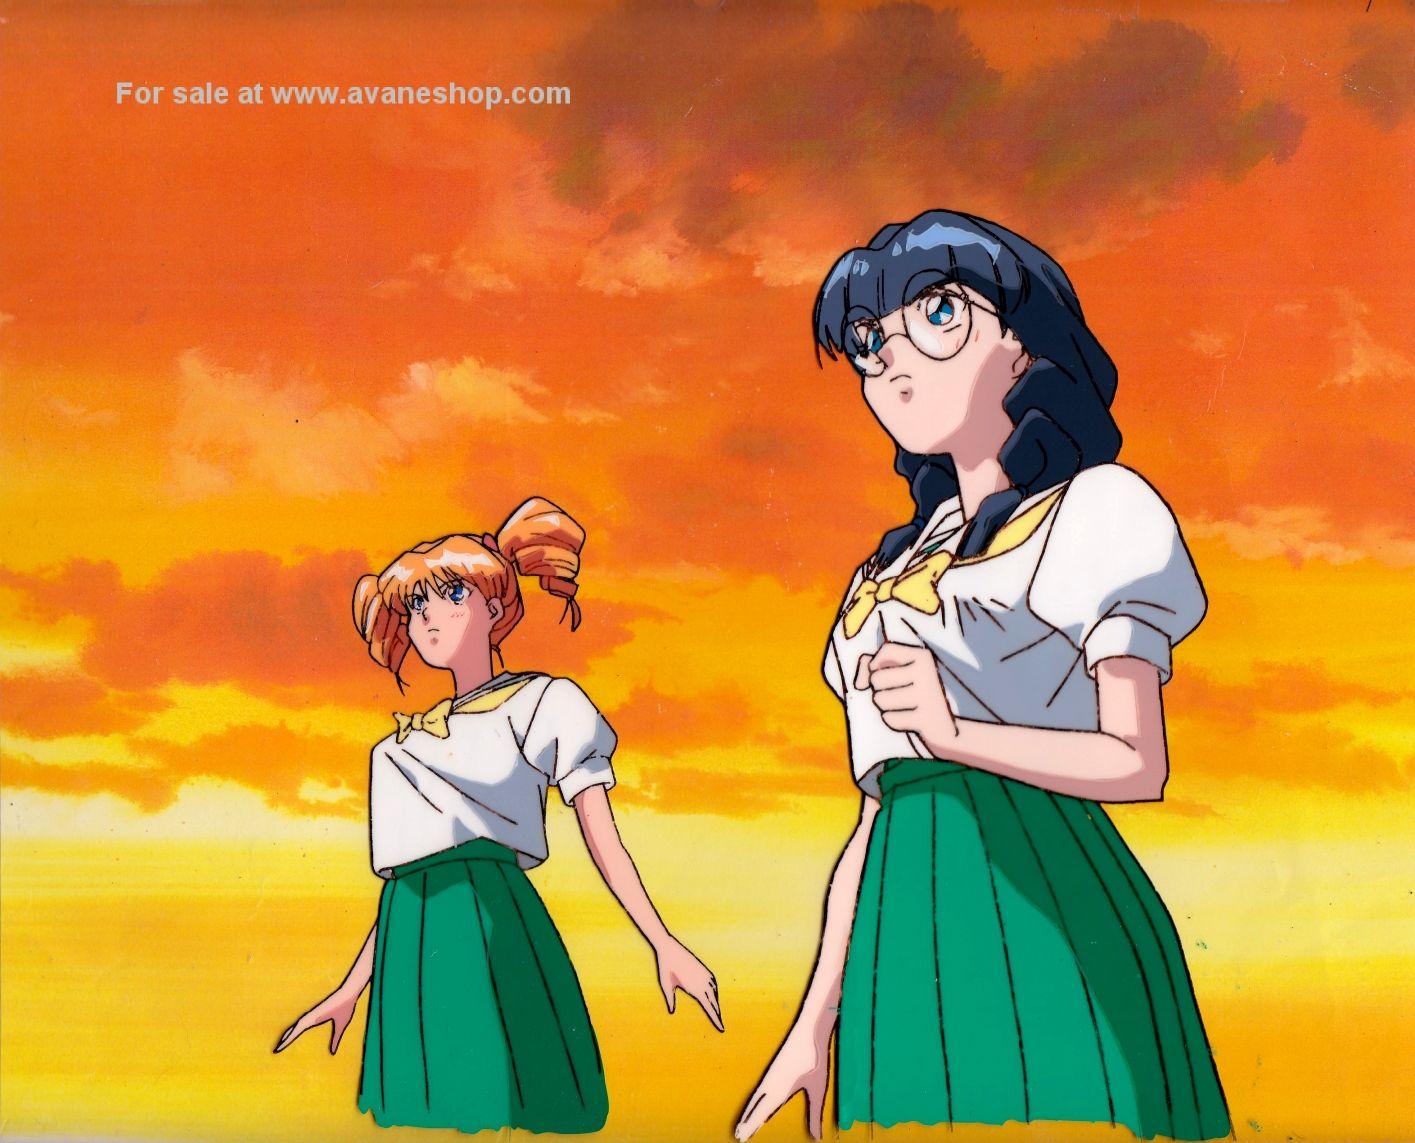 Sailor moon anime porn